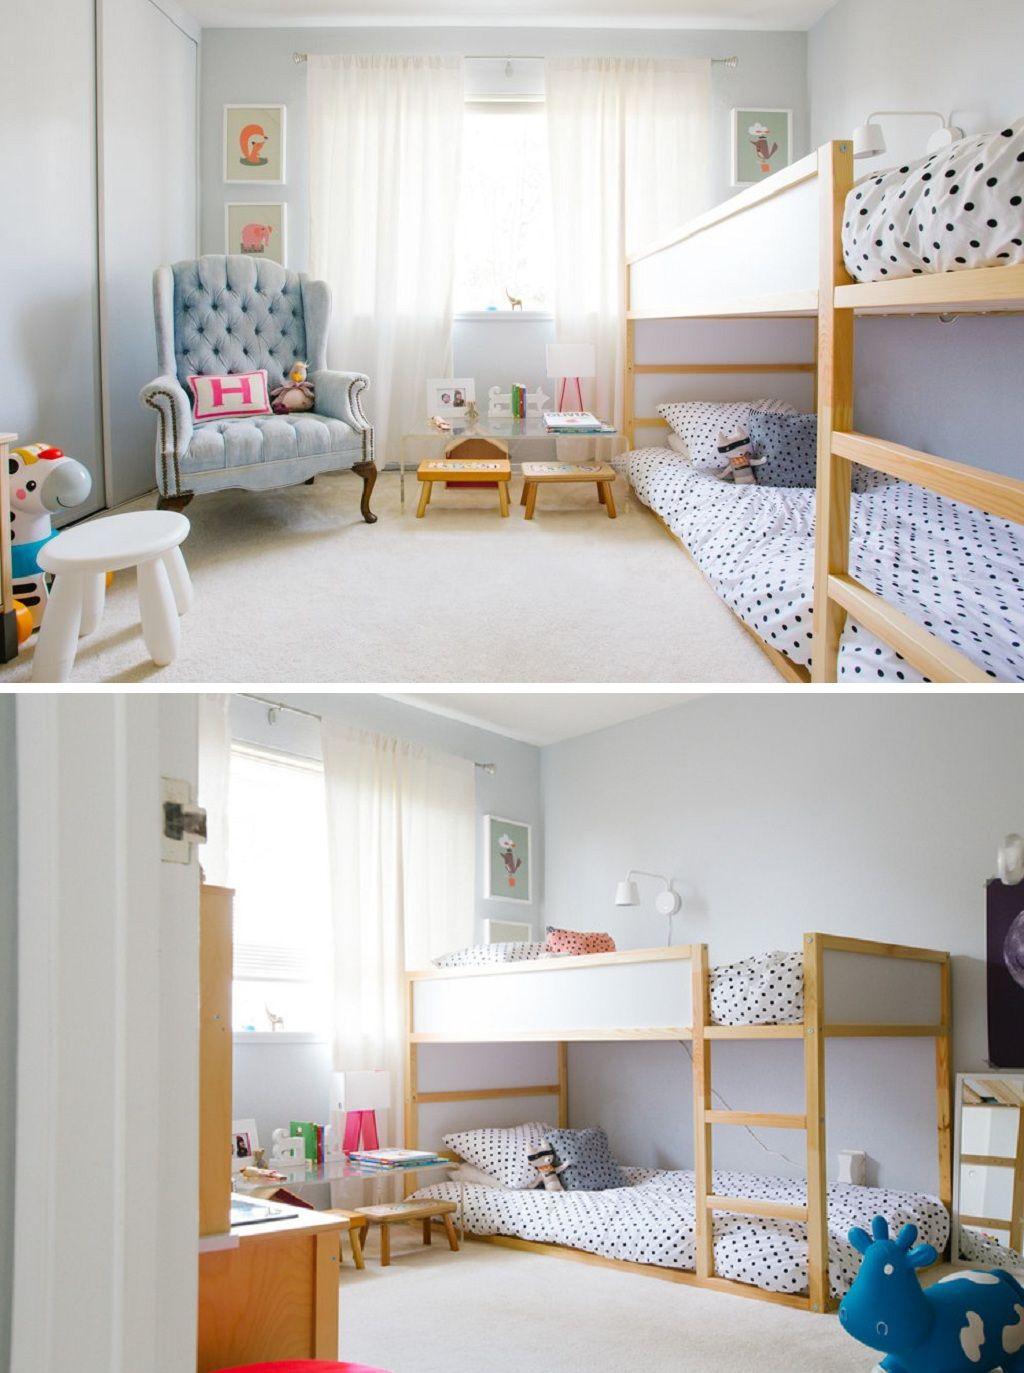 5 11 Ikea Kura łóżko Dziecięce Pokój Dla Dziecka Dziecięcy